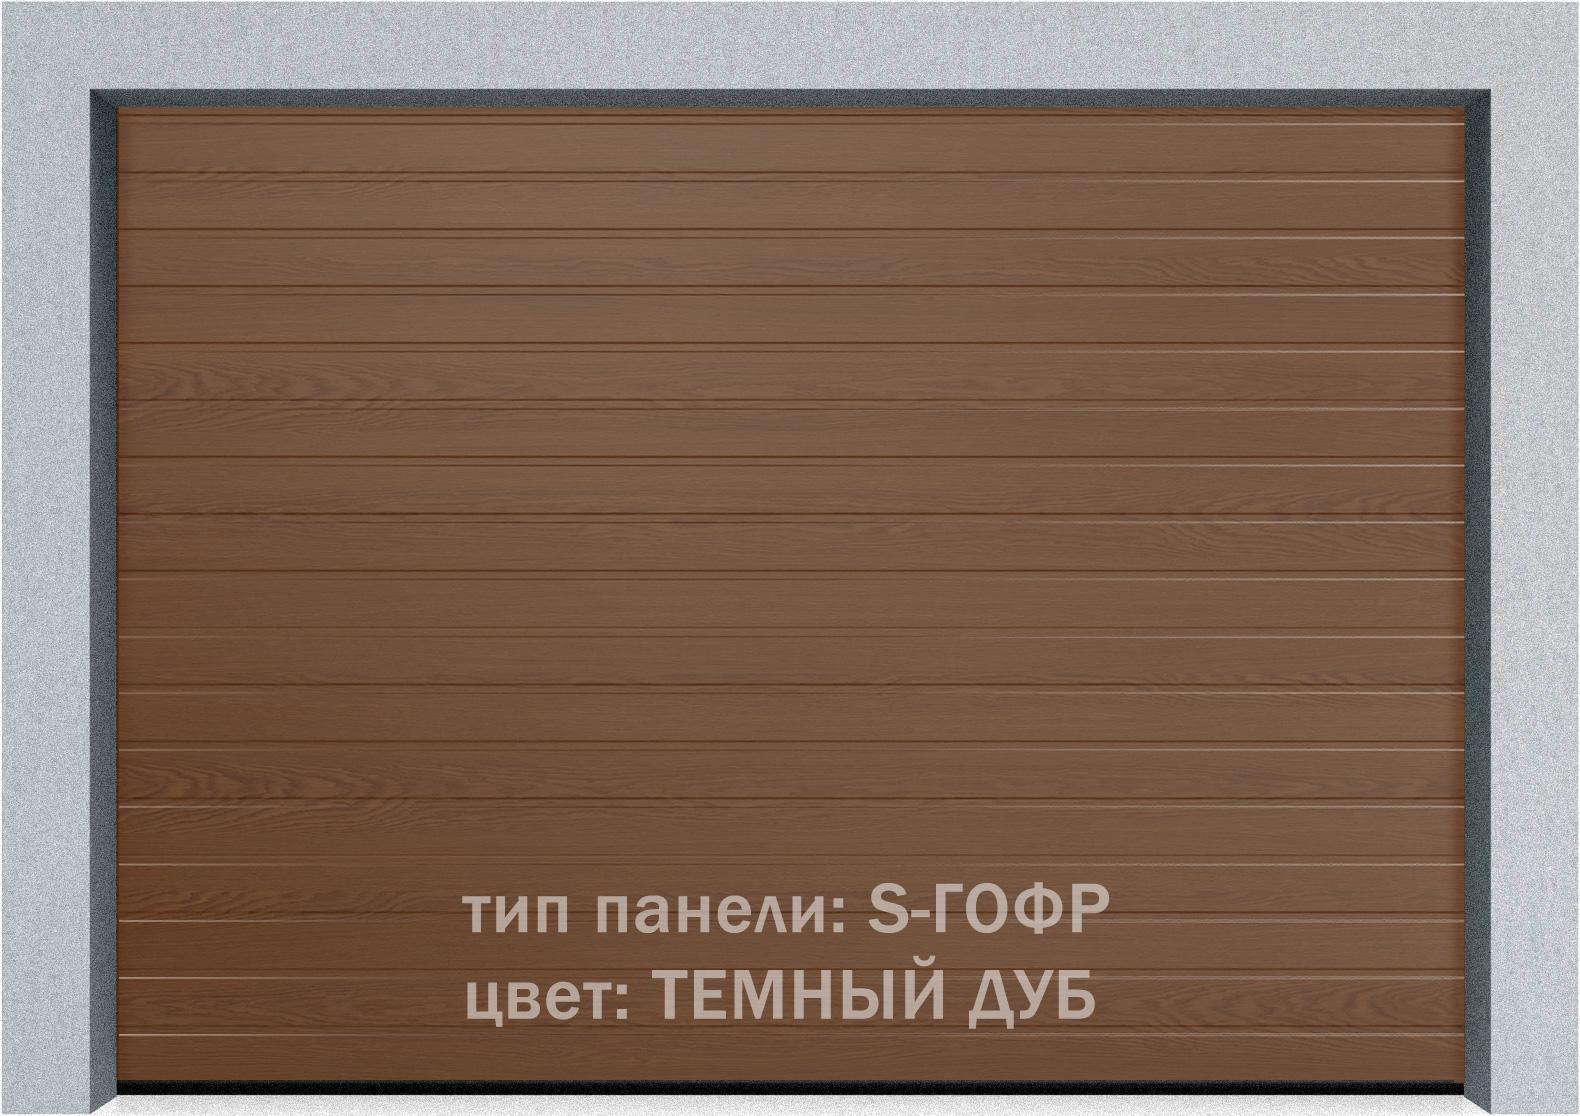 Секционные гаражные ворота Alutech Prestige 6000х3250 S-гофр, M-гофр, L-гофр цвета под дерево, торсионные пружины, фото 2